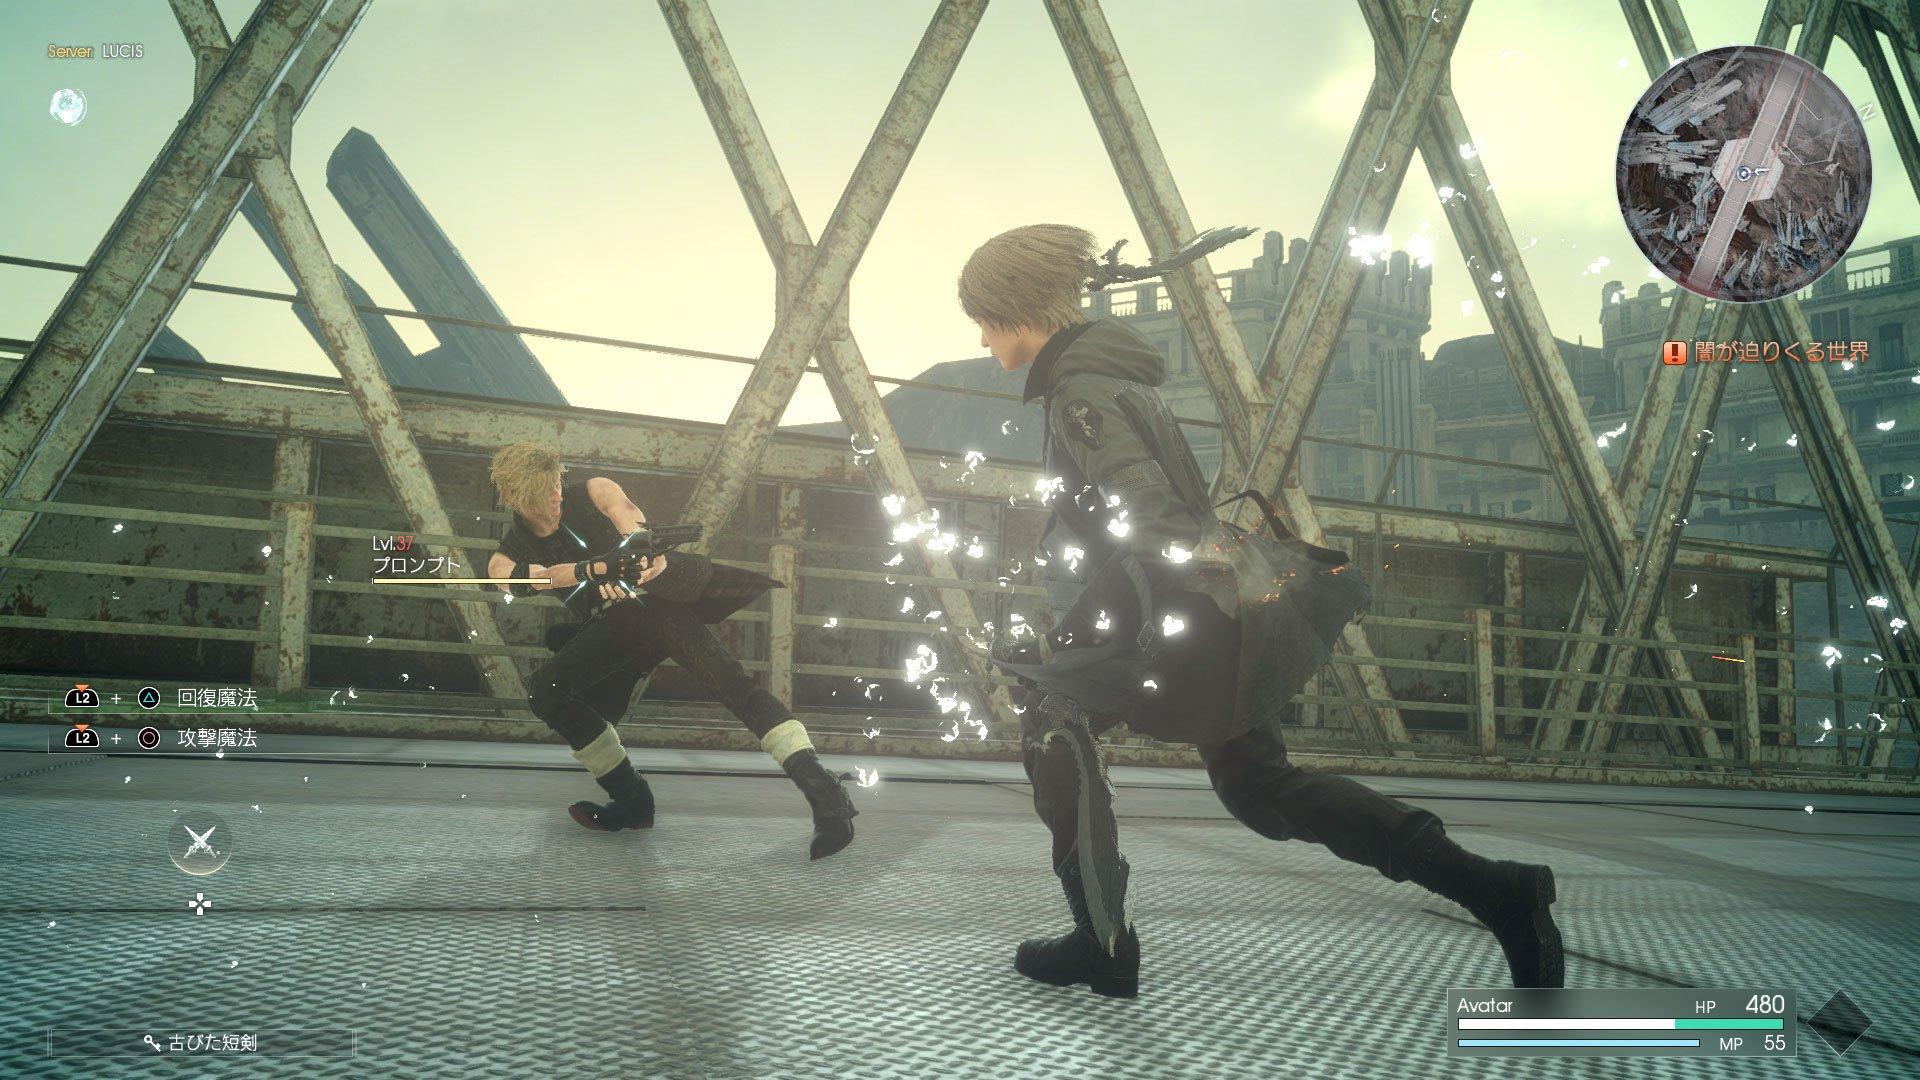 Il DLC Comrades rinviato al 15 Novembre, in arrivo le cacce multiple!